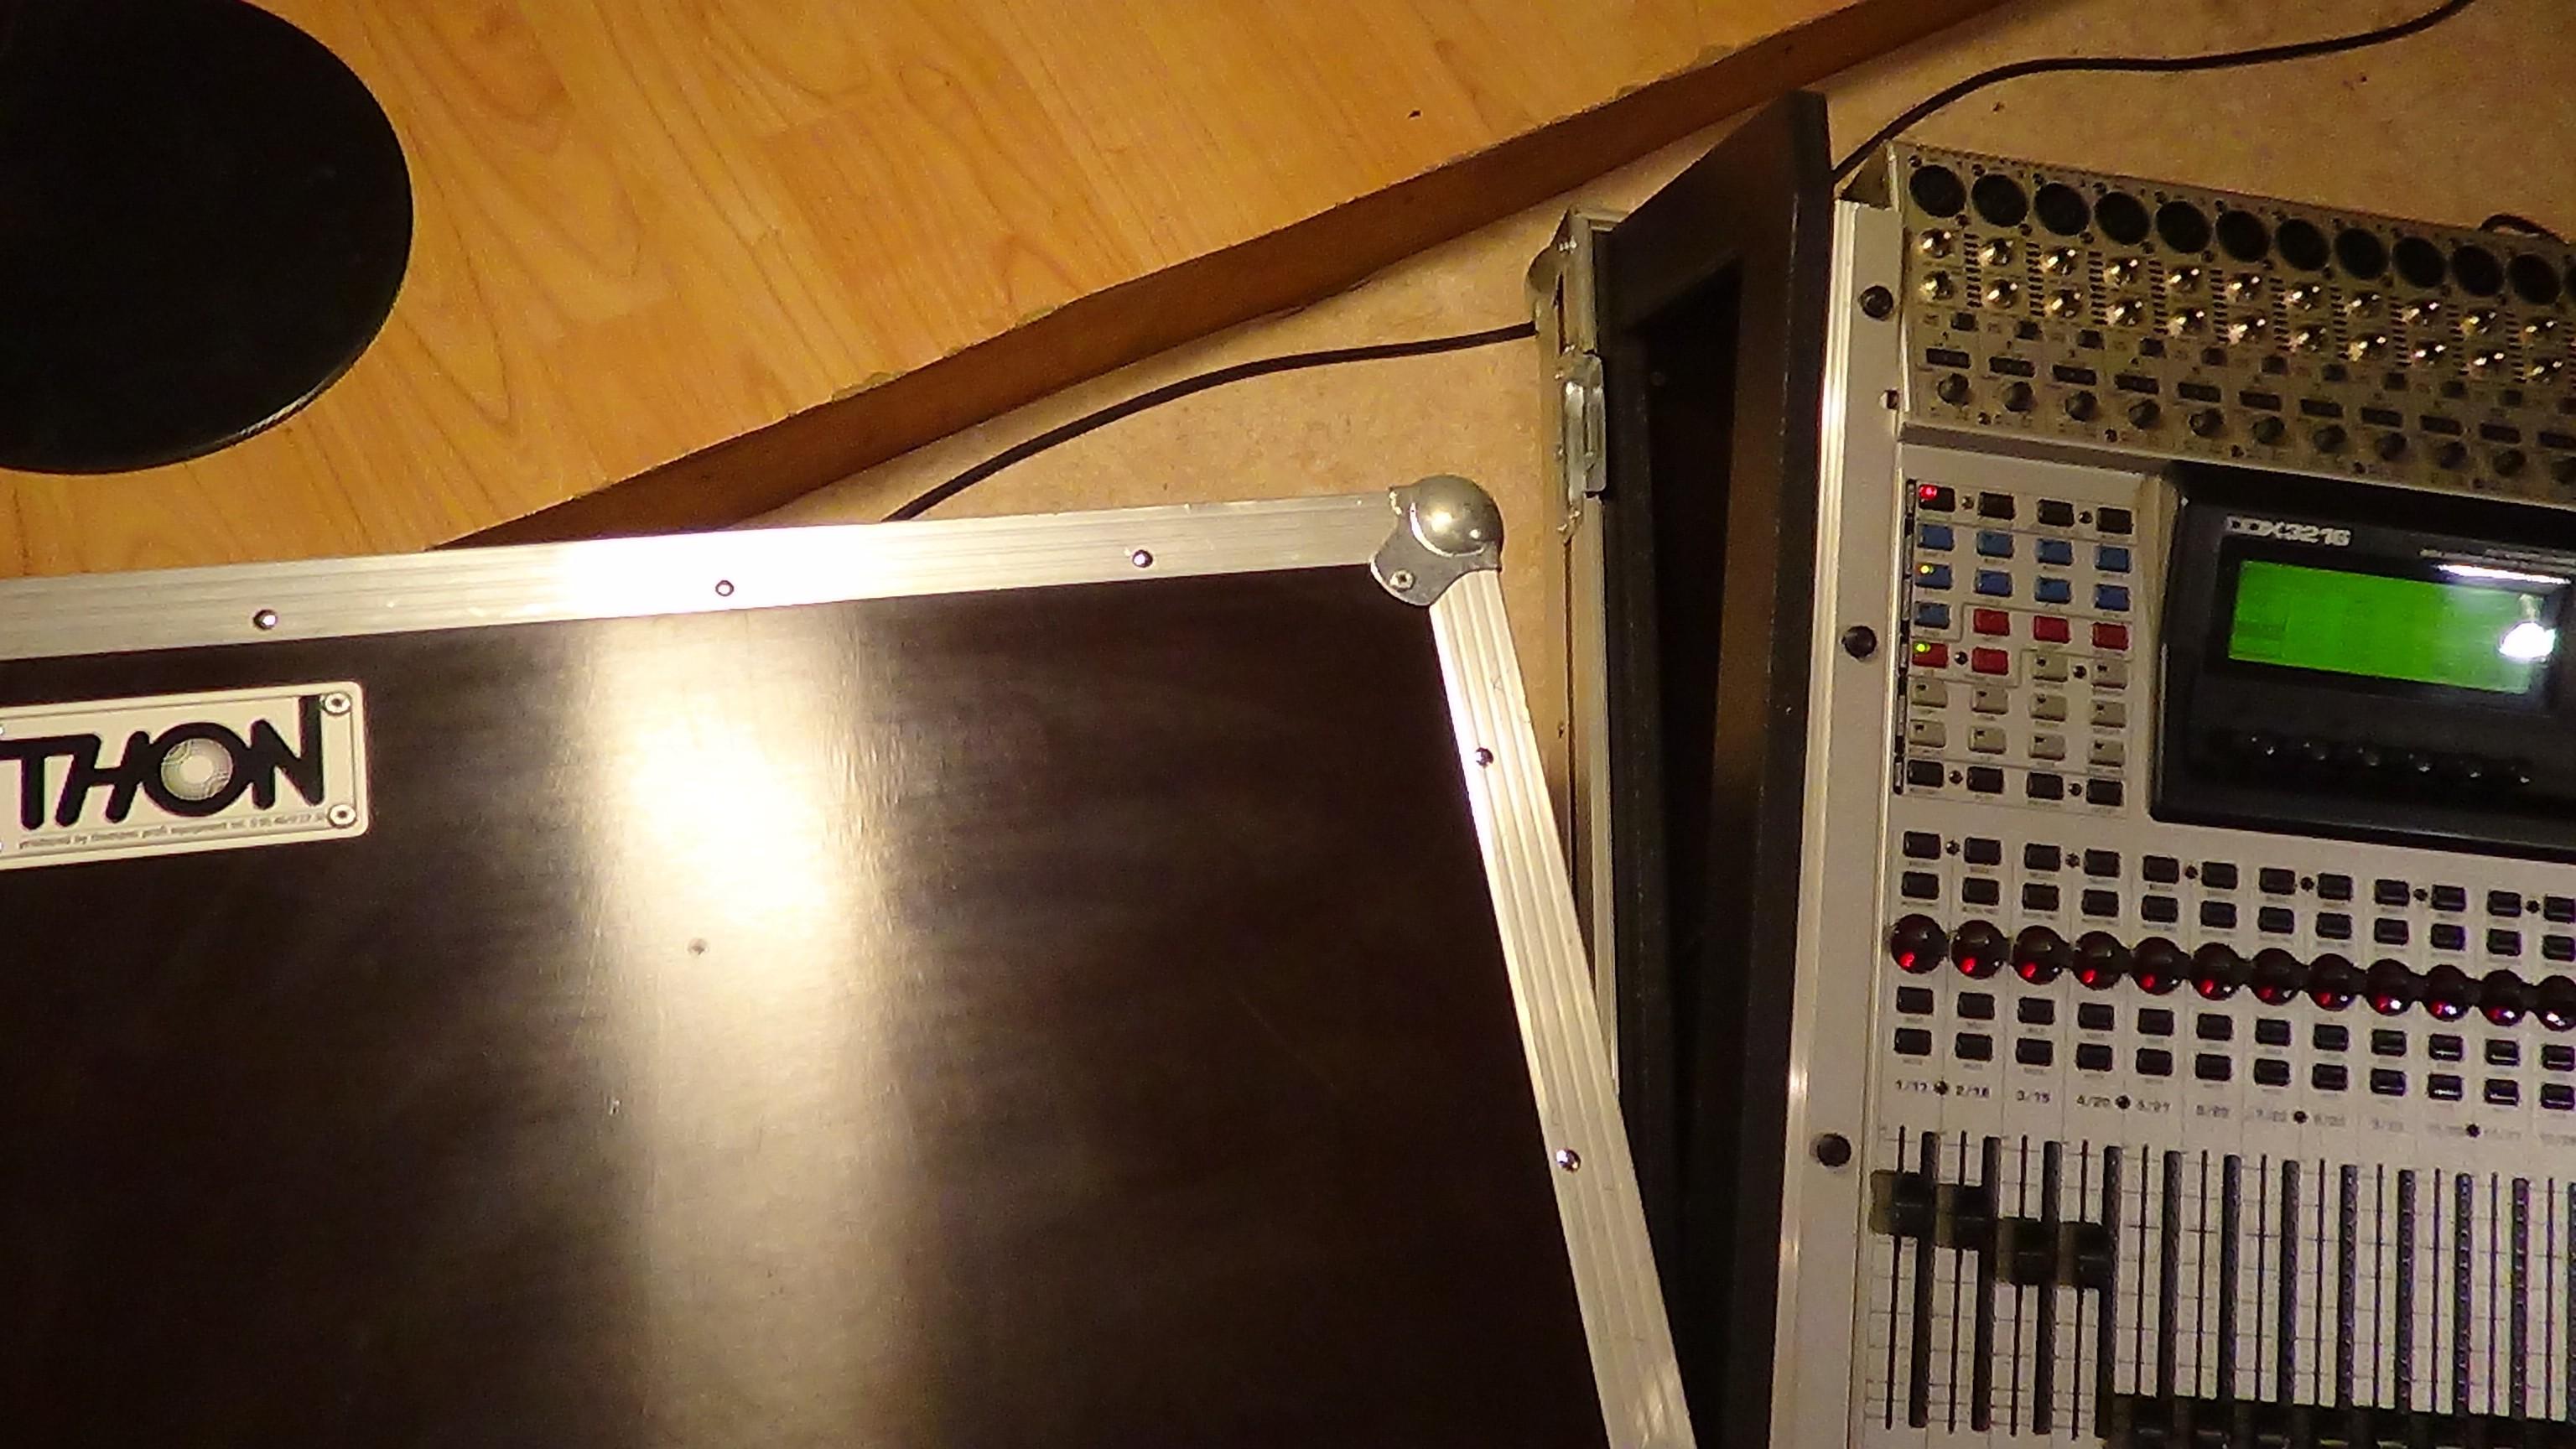 behringer ddx3216 image 793098 audiofanzine. Black Bedroom Furniture Sets. Home Design Ideas